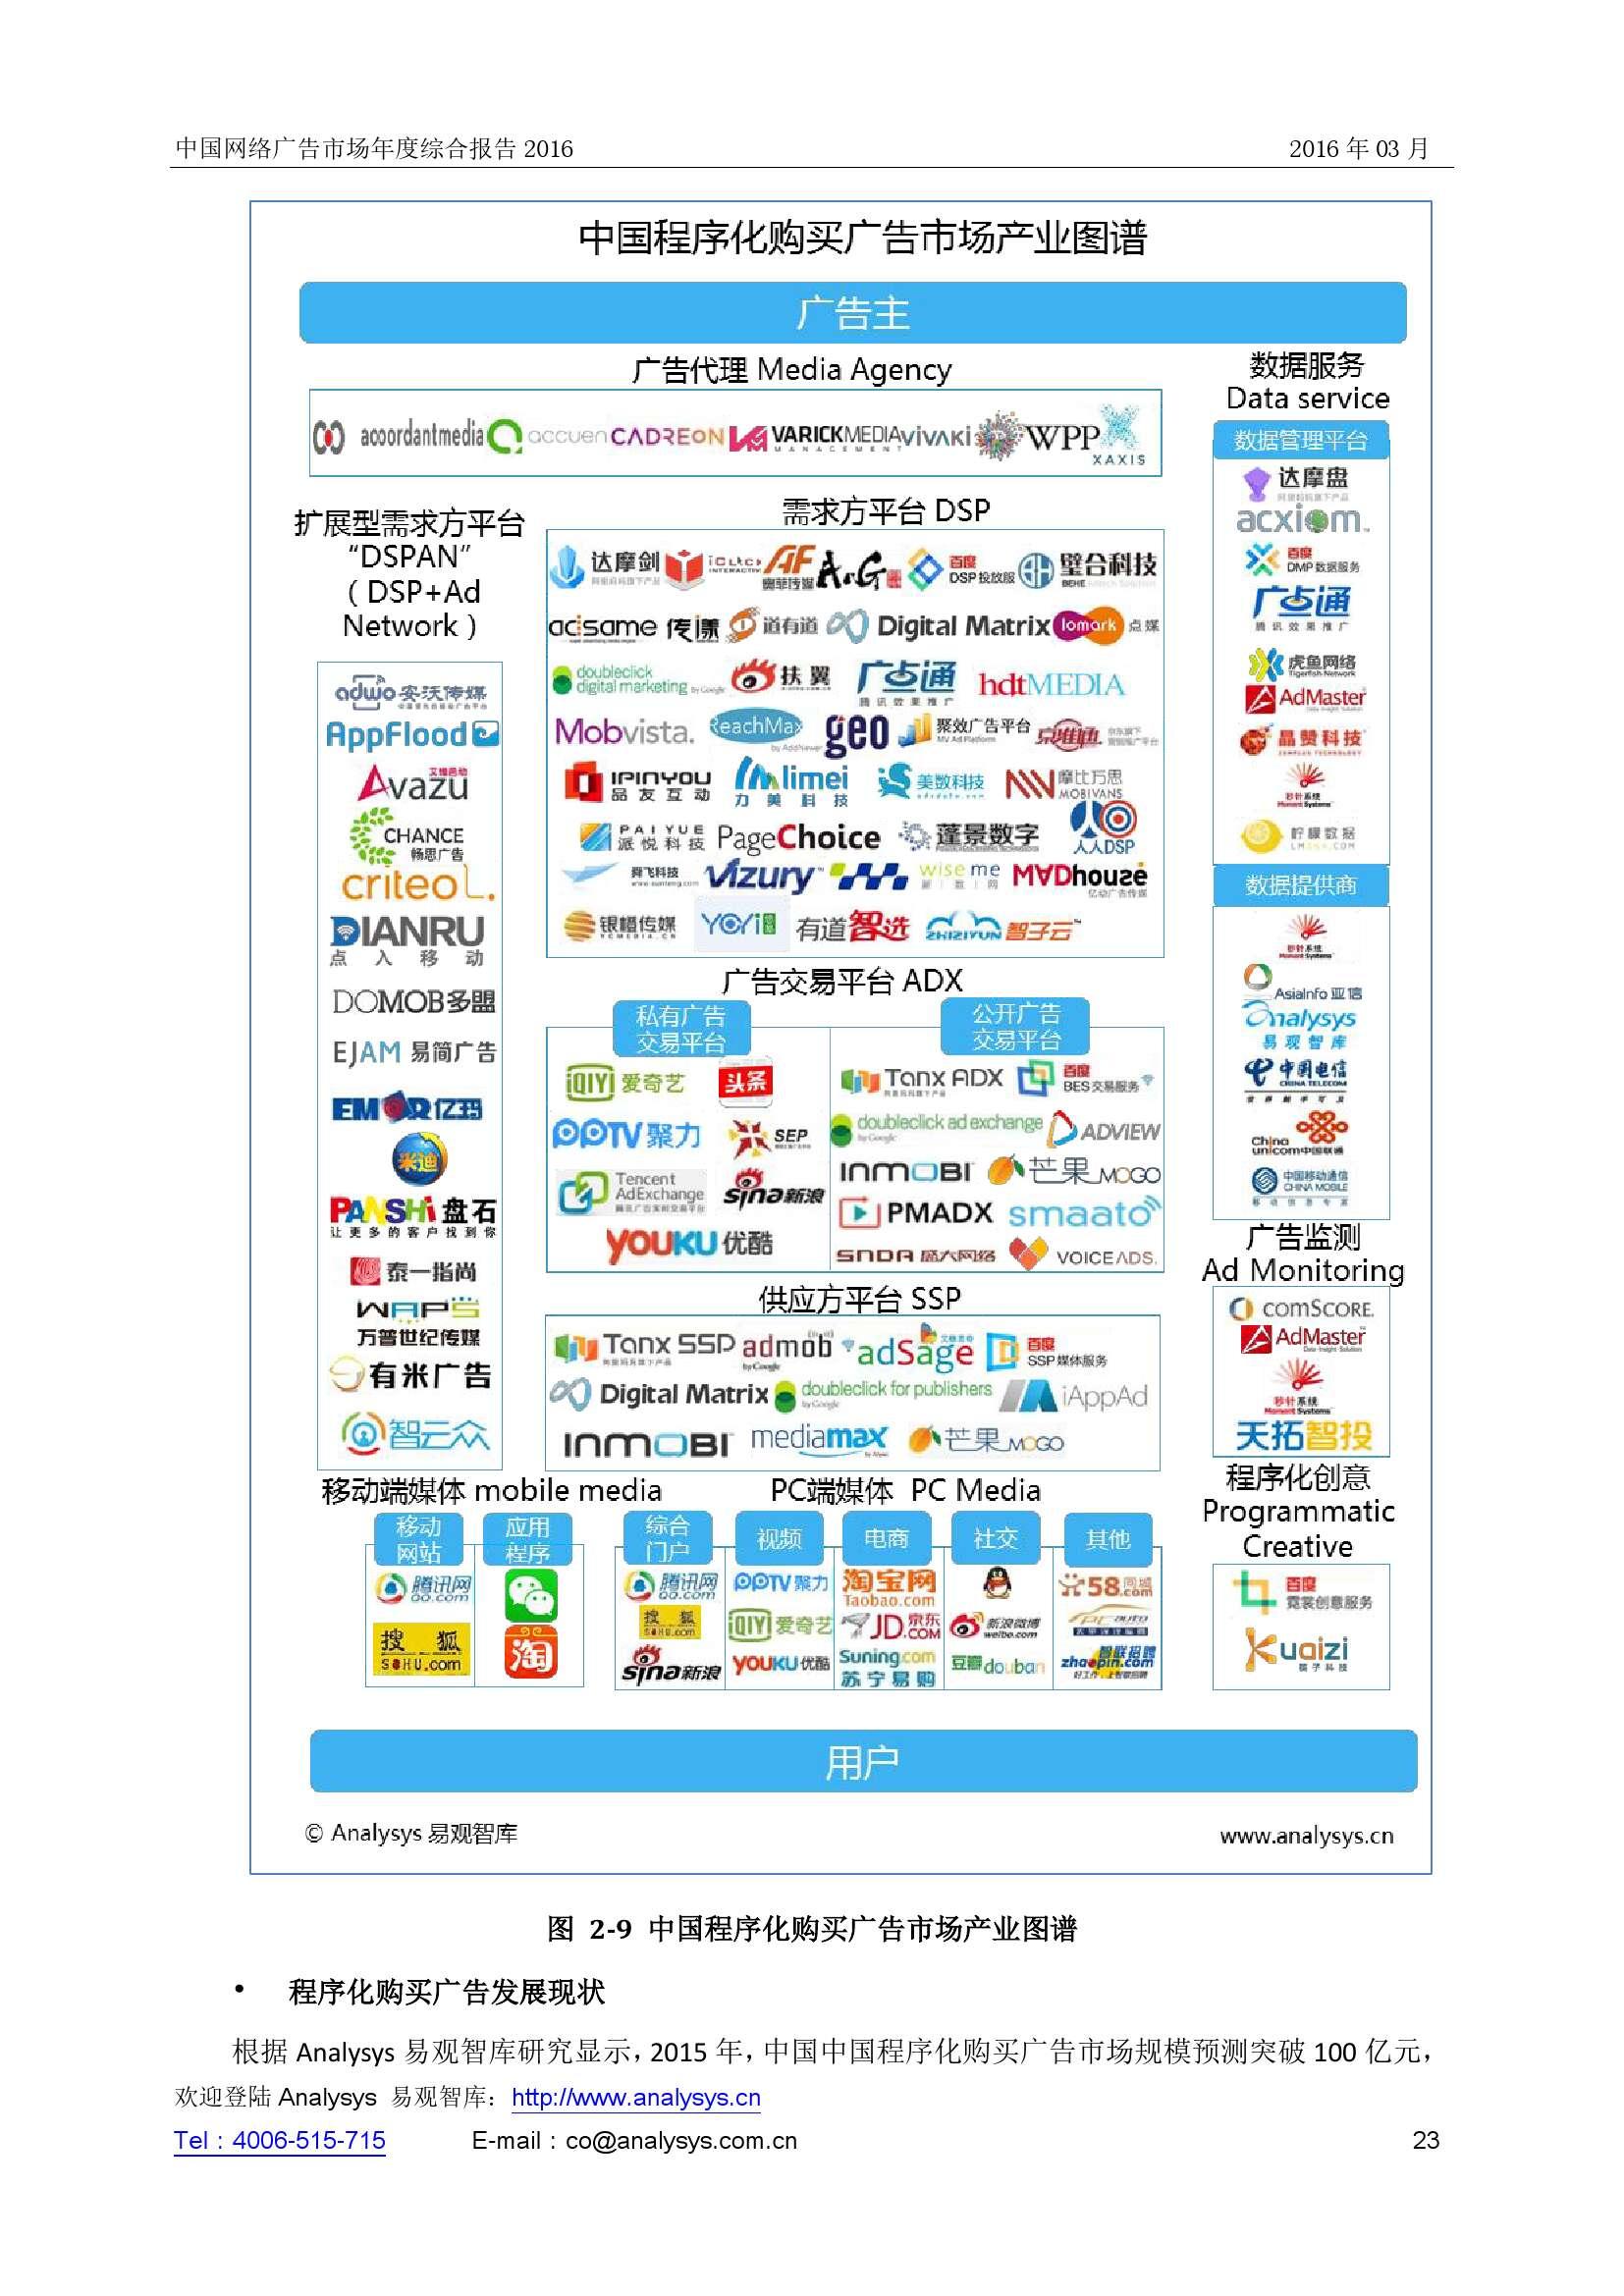 中国网络广告市场年度综合报告2016_000023